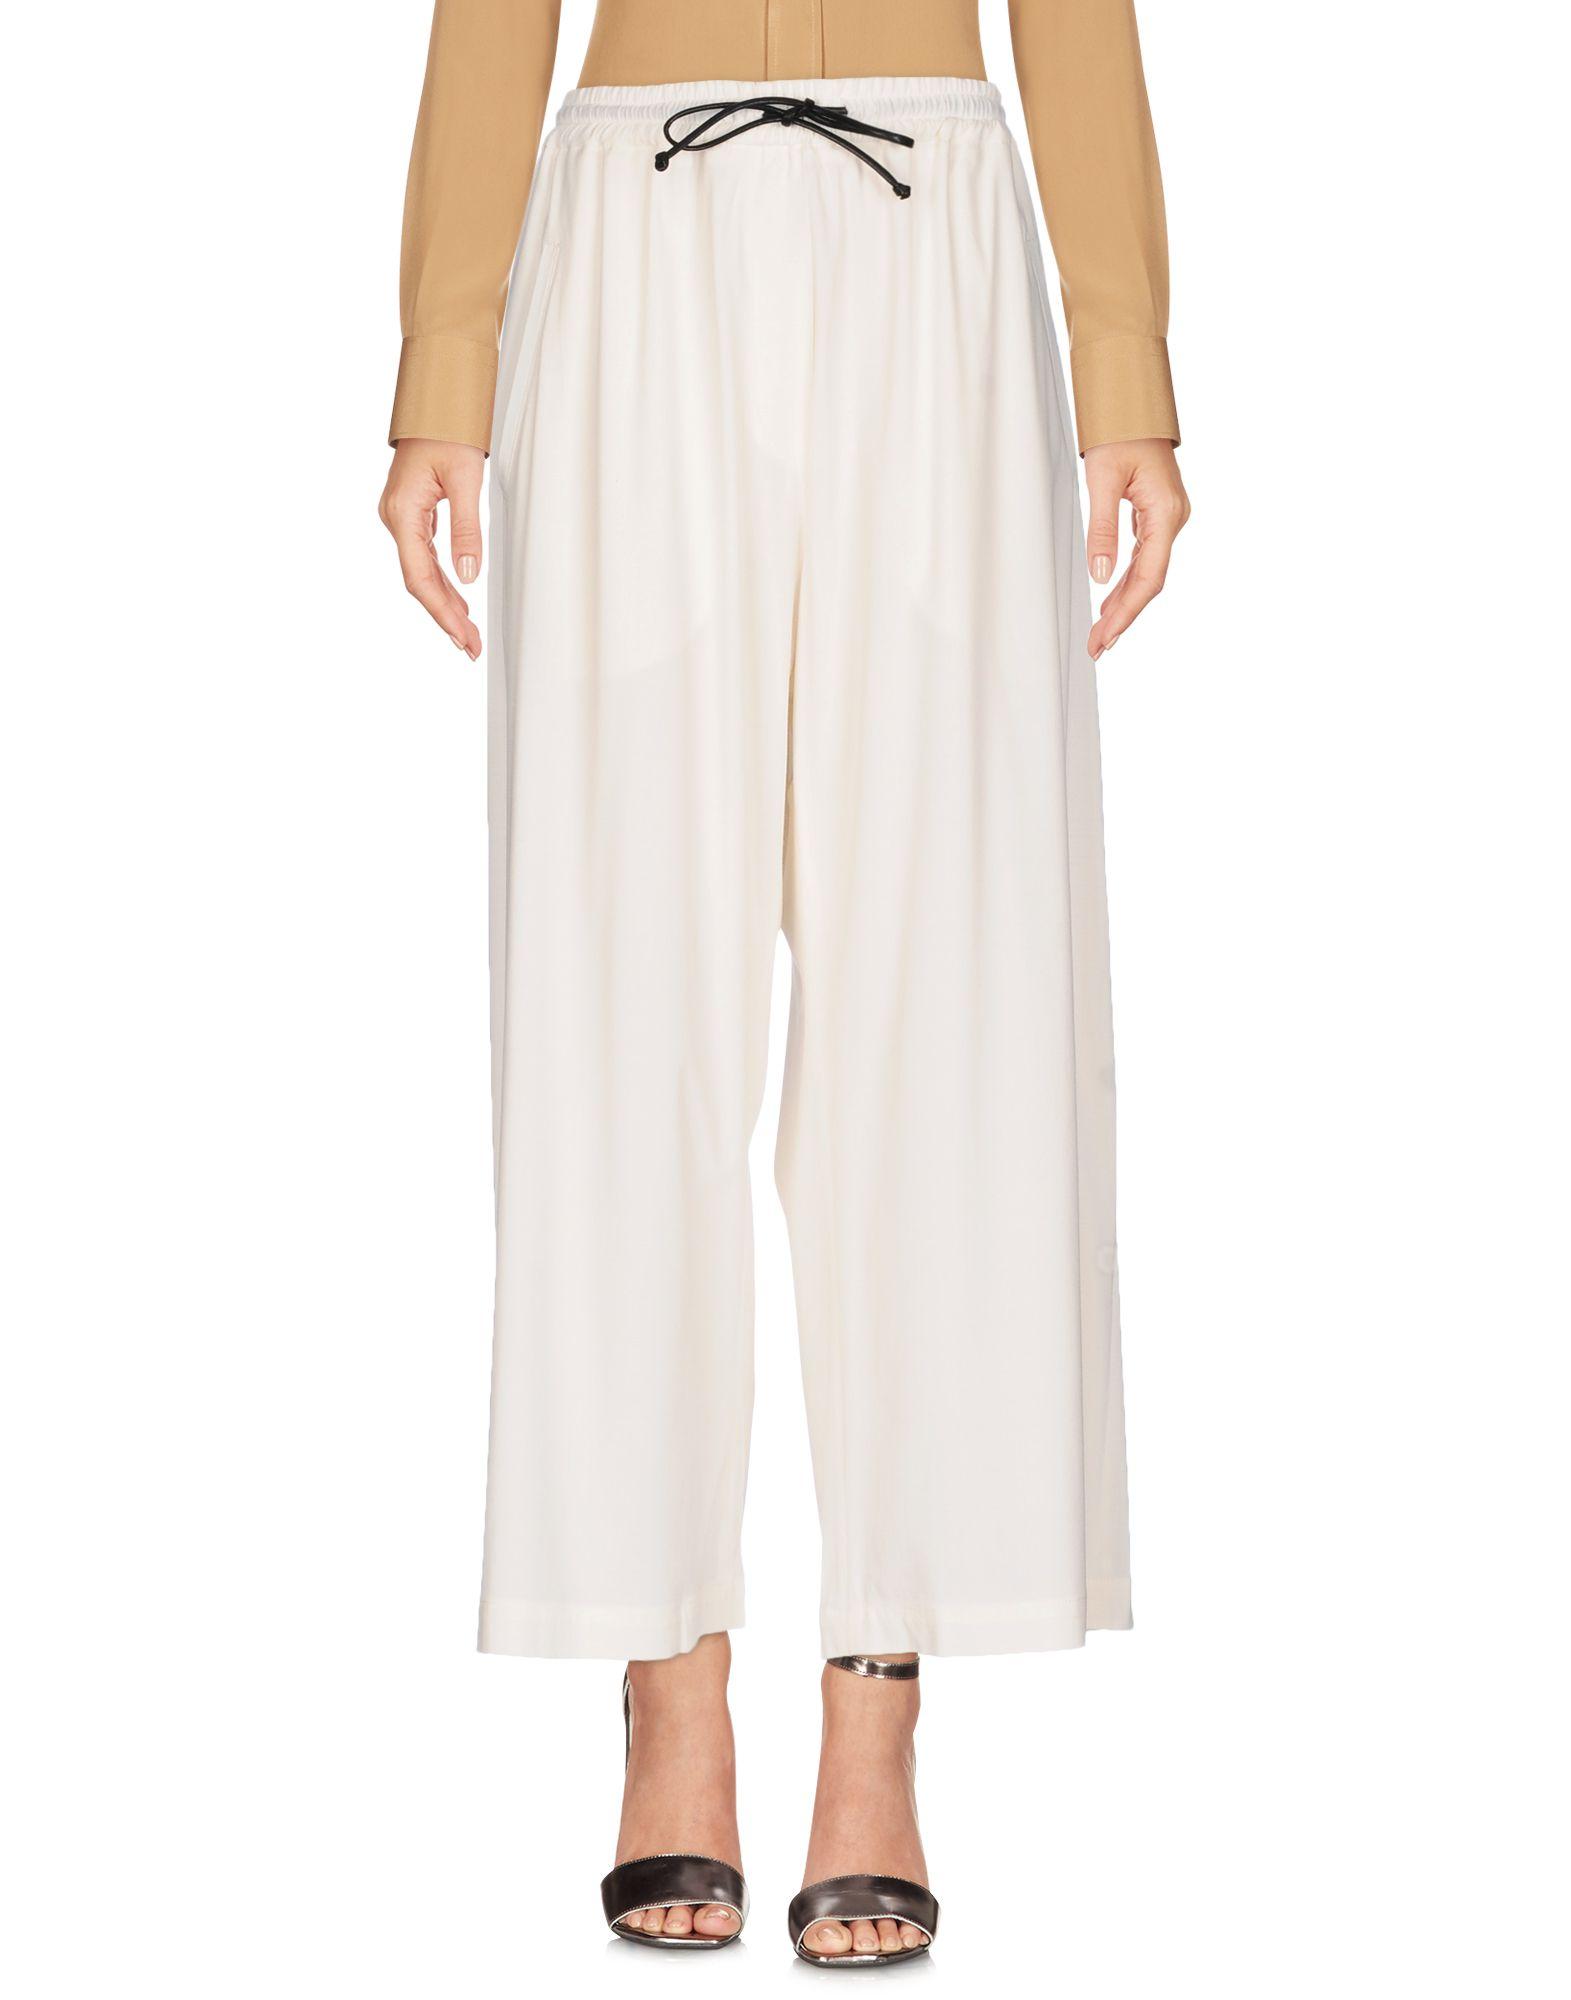 ISABEL BENENATO Damen Hose Farbe Weiß Größe 3